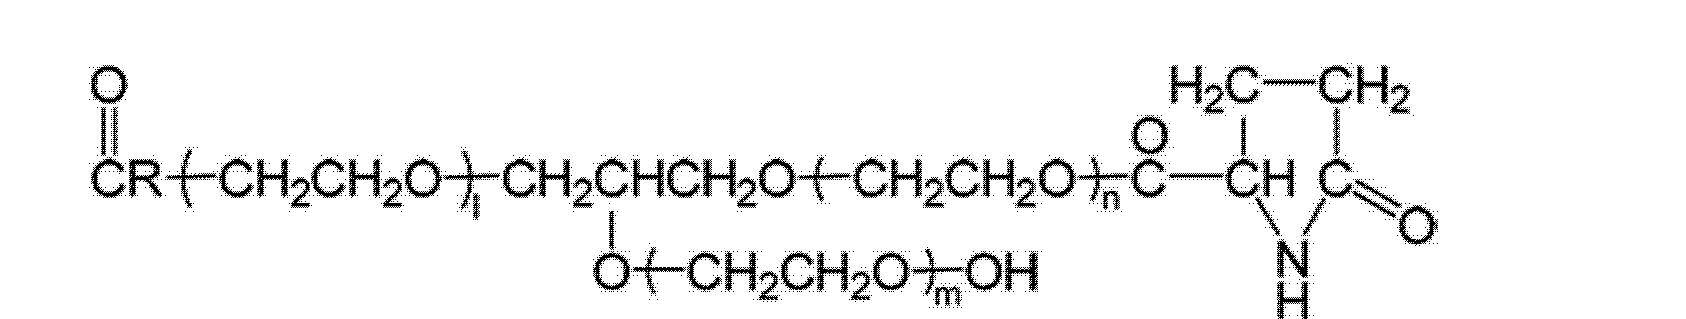 Figure CN103113781BD00112